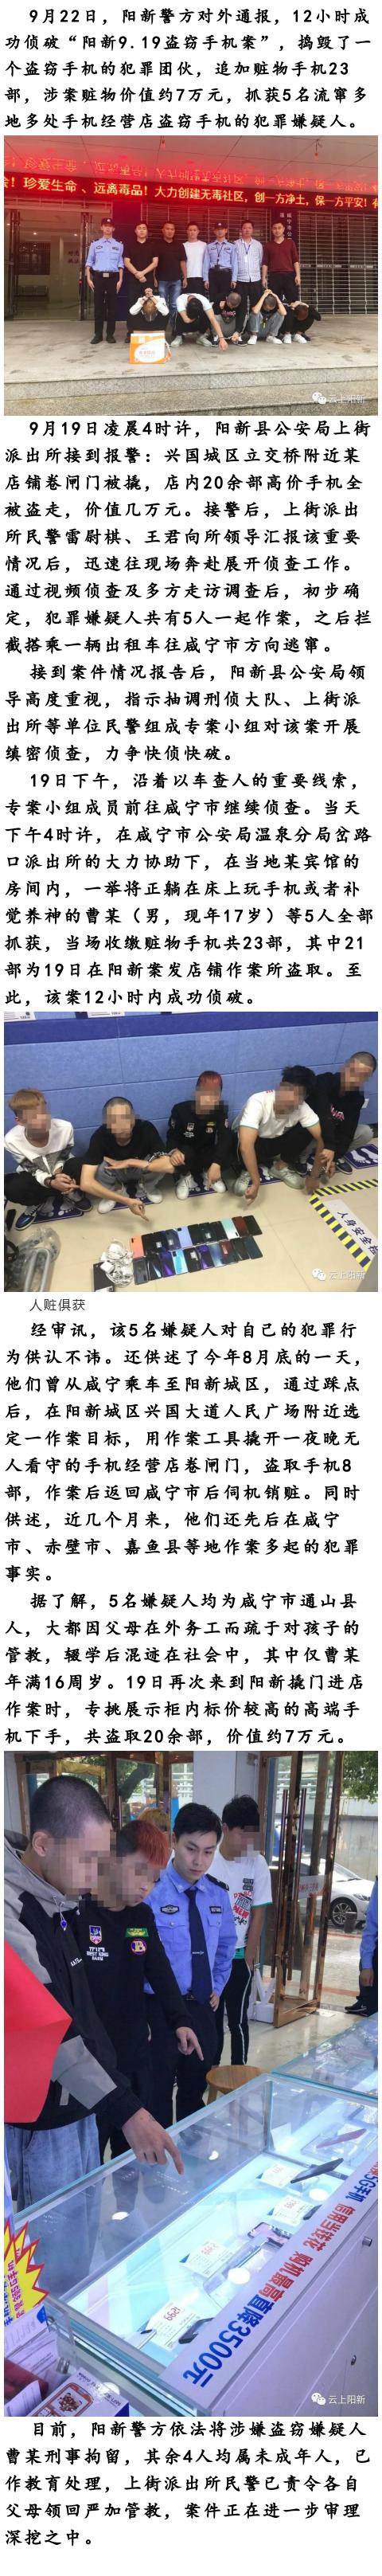 阳新警方12小时侦破盗窃手机案,追回手机20多部